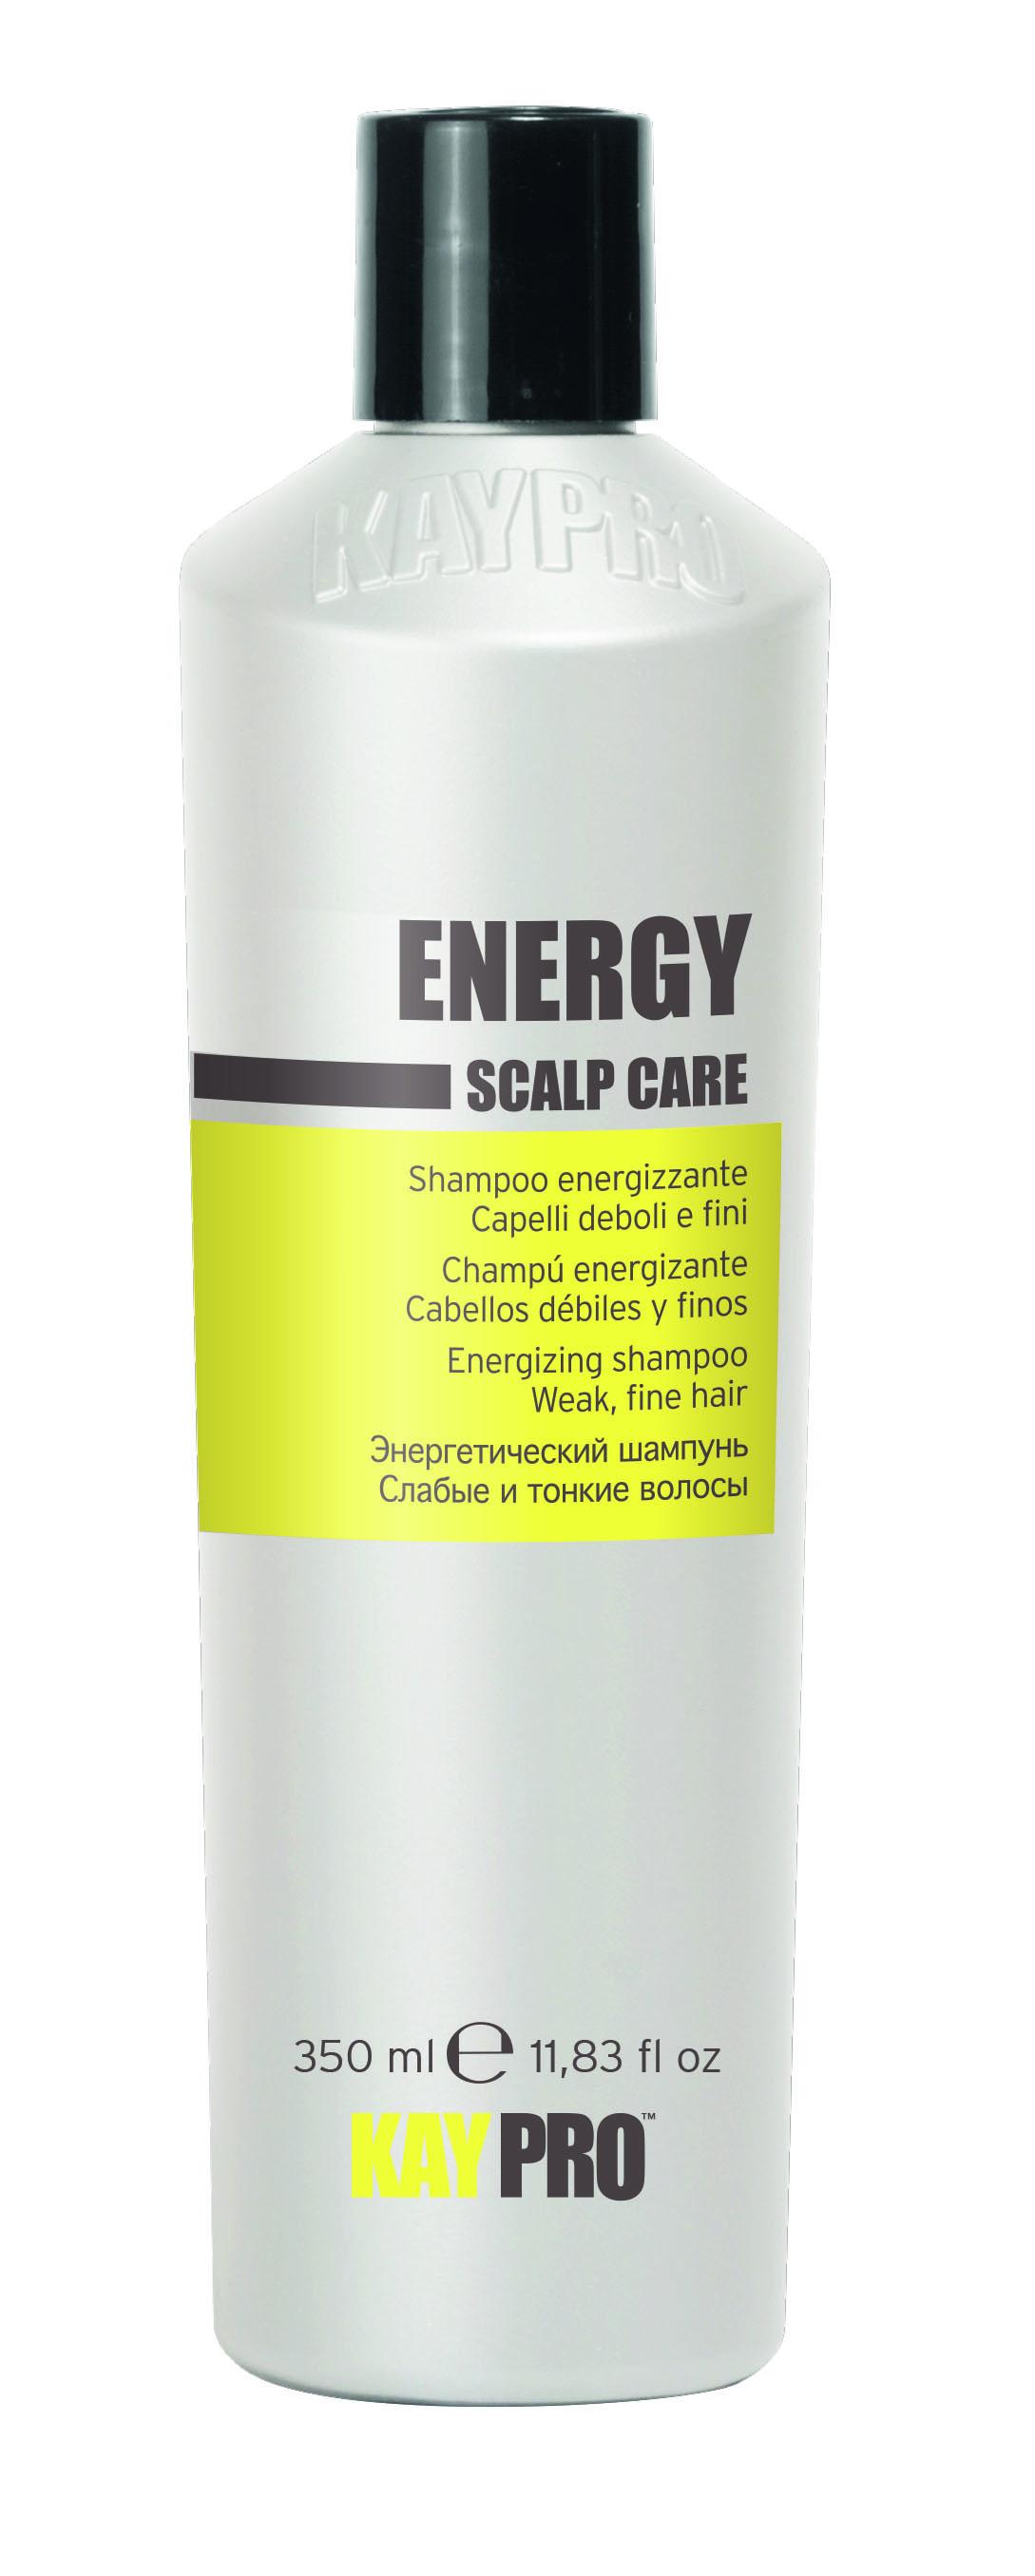 Купить KAYPRO Шампунь против выпадения / Energy 350 мл